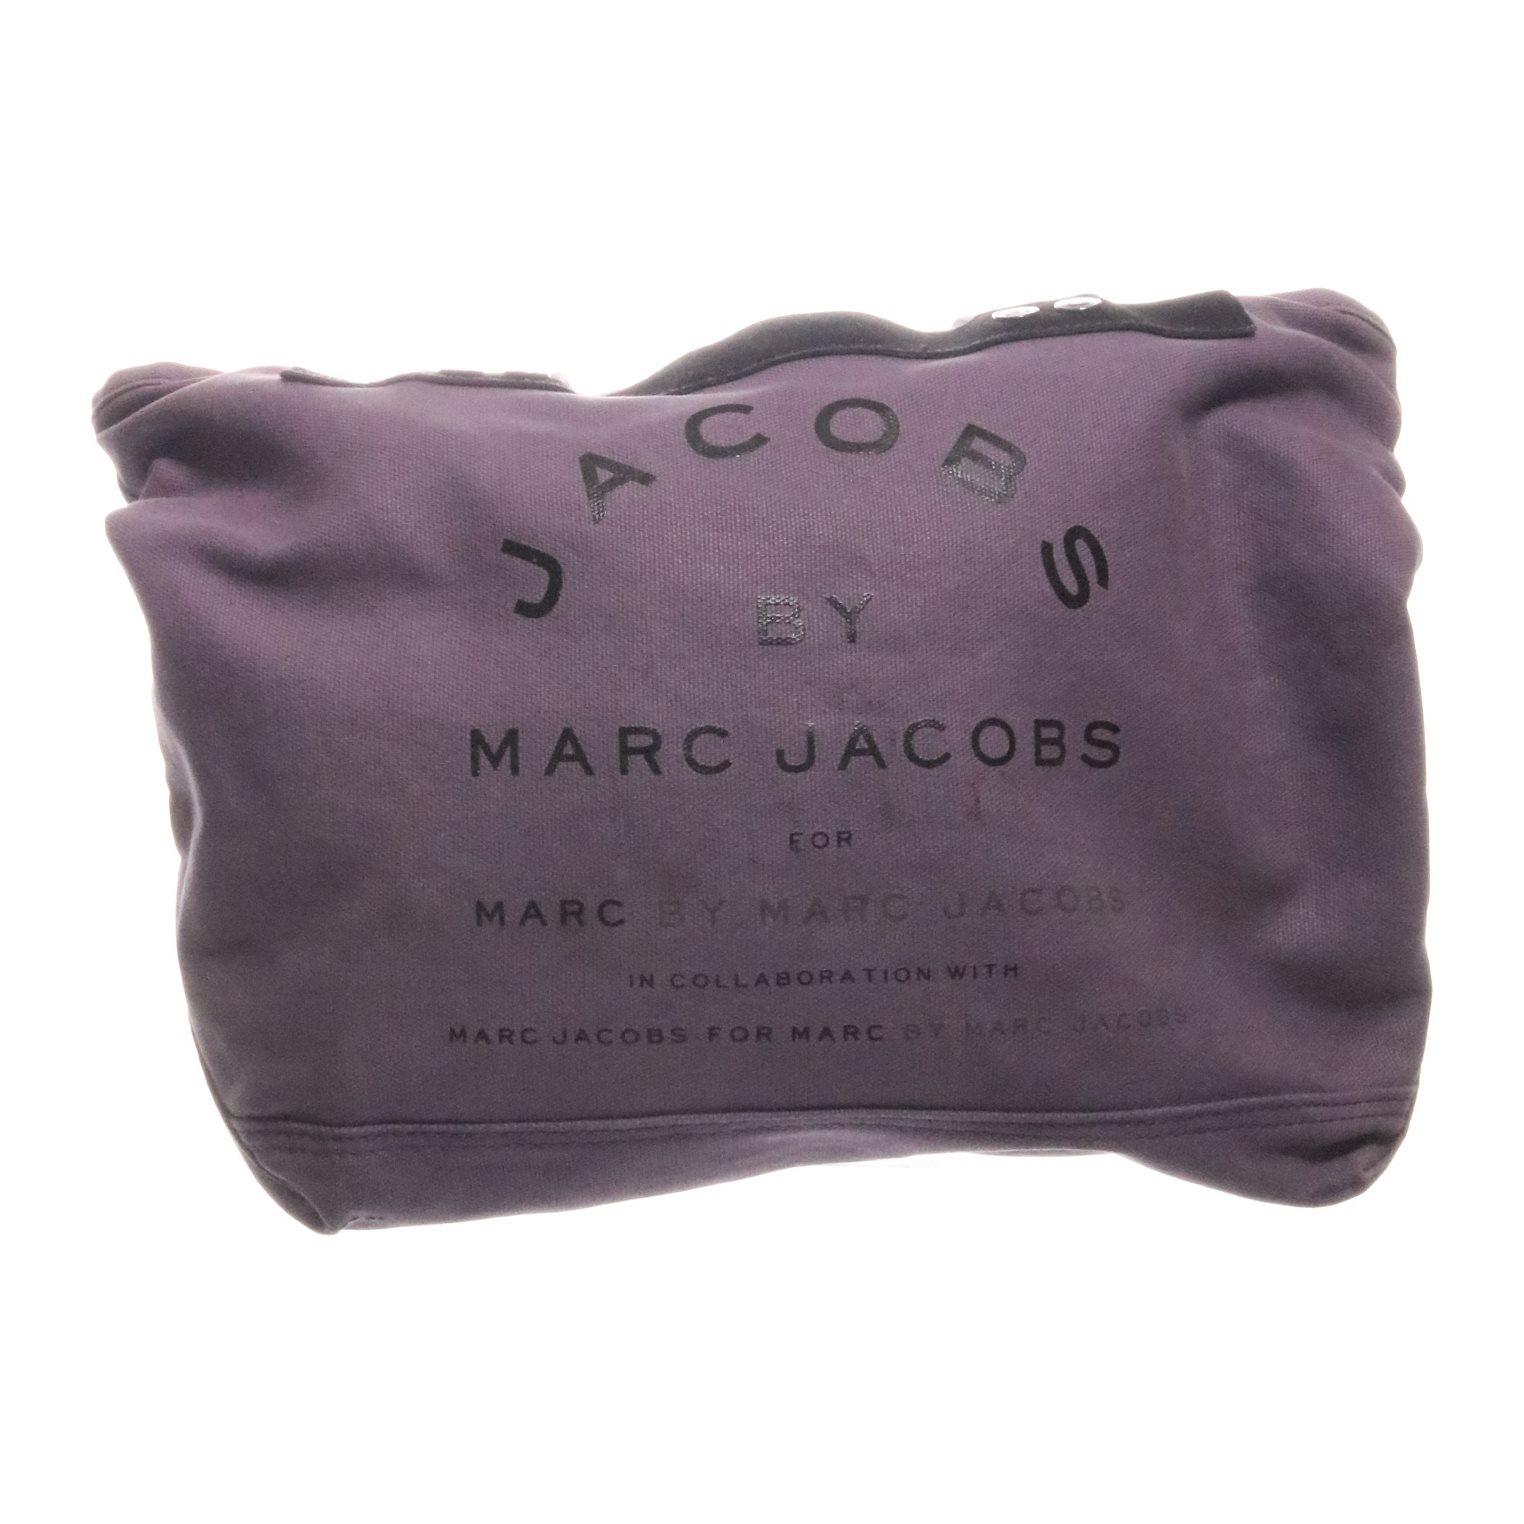 marc jacobs tygpåse